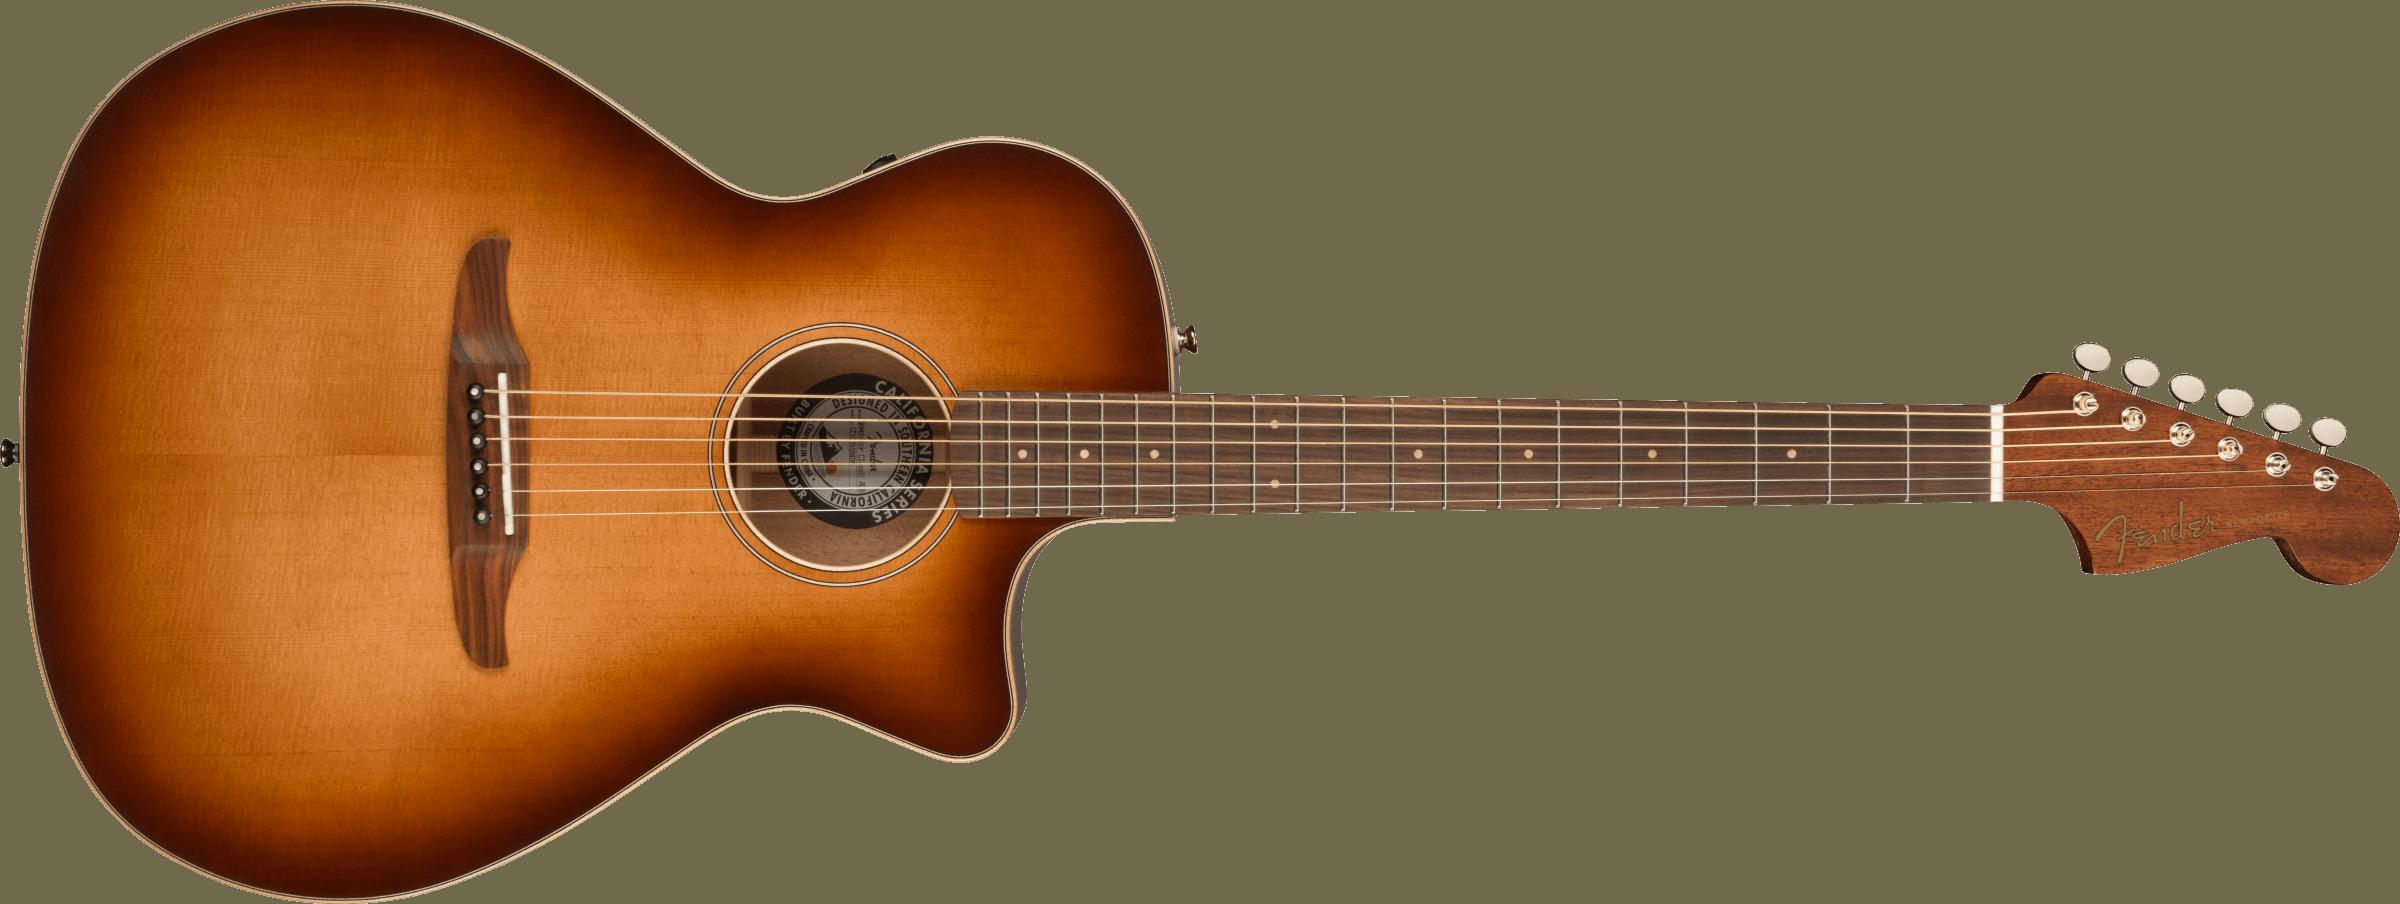 FENDER-Newporter-Classic-with-Gig-Bag-Pau-Ferro-Fingerboard-Aged-Cognac-Burst-sku-571004888